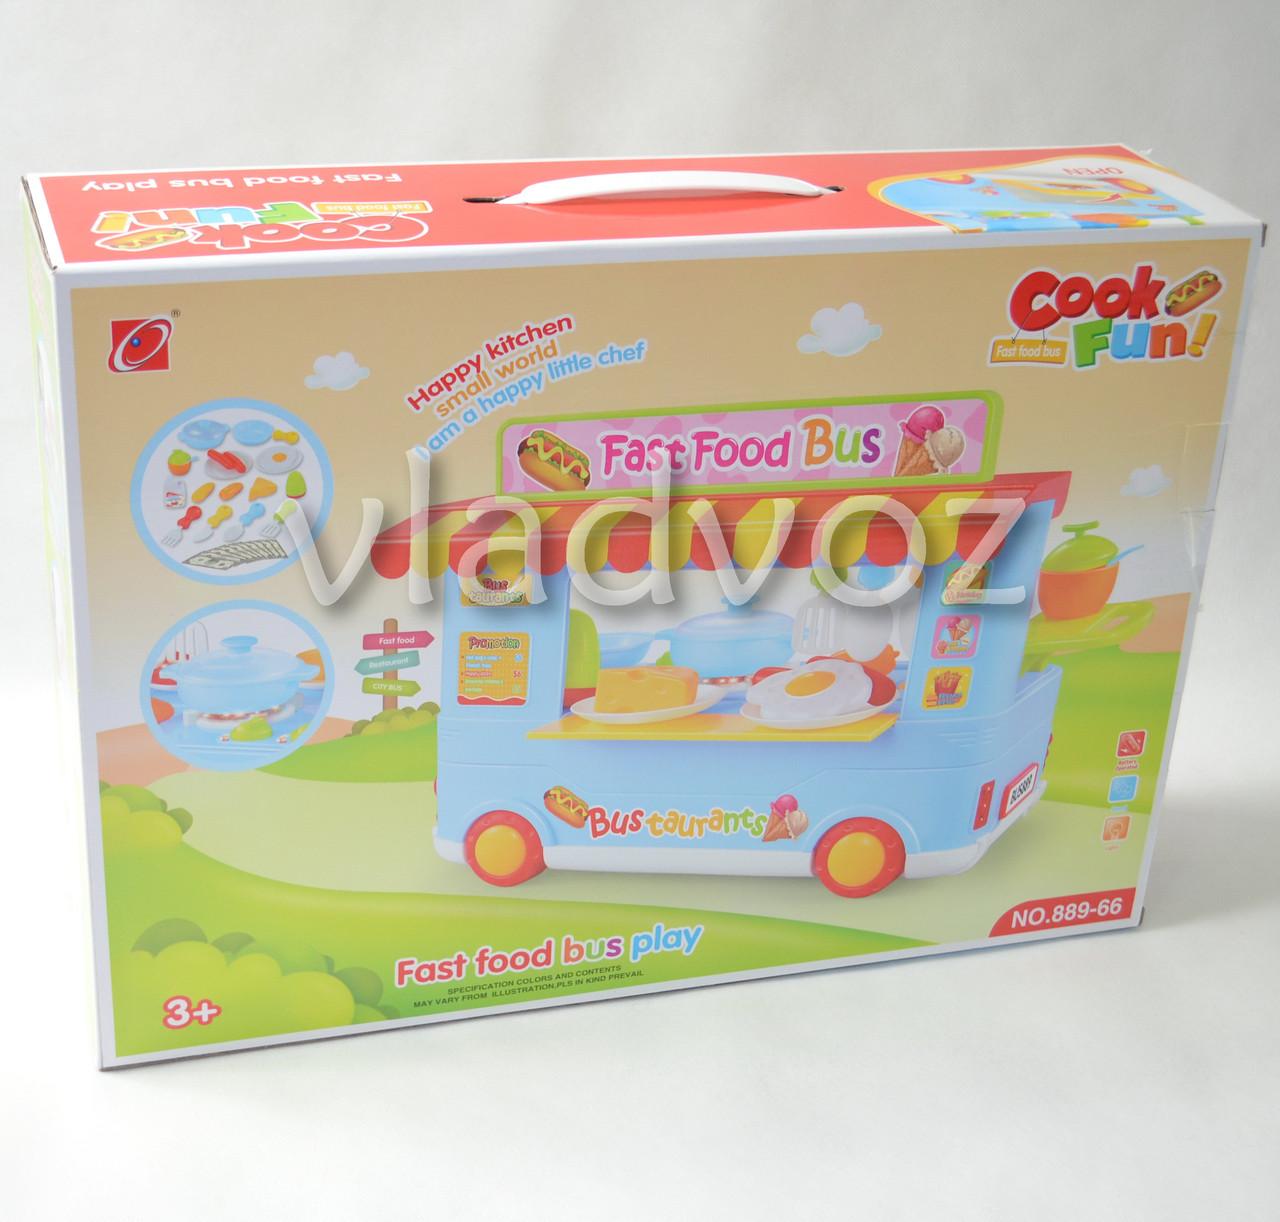 упаковка кухни на колесах fast food bus